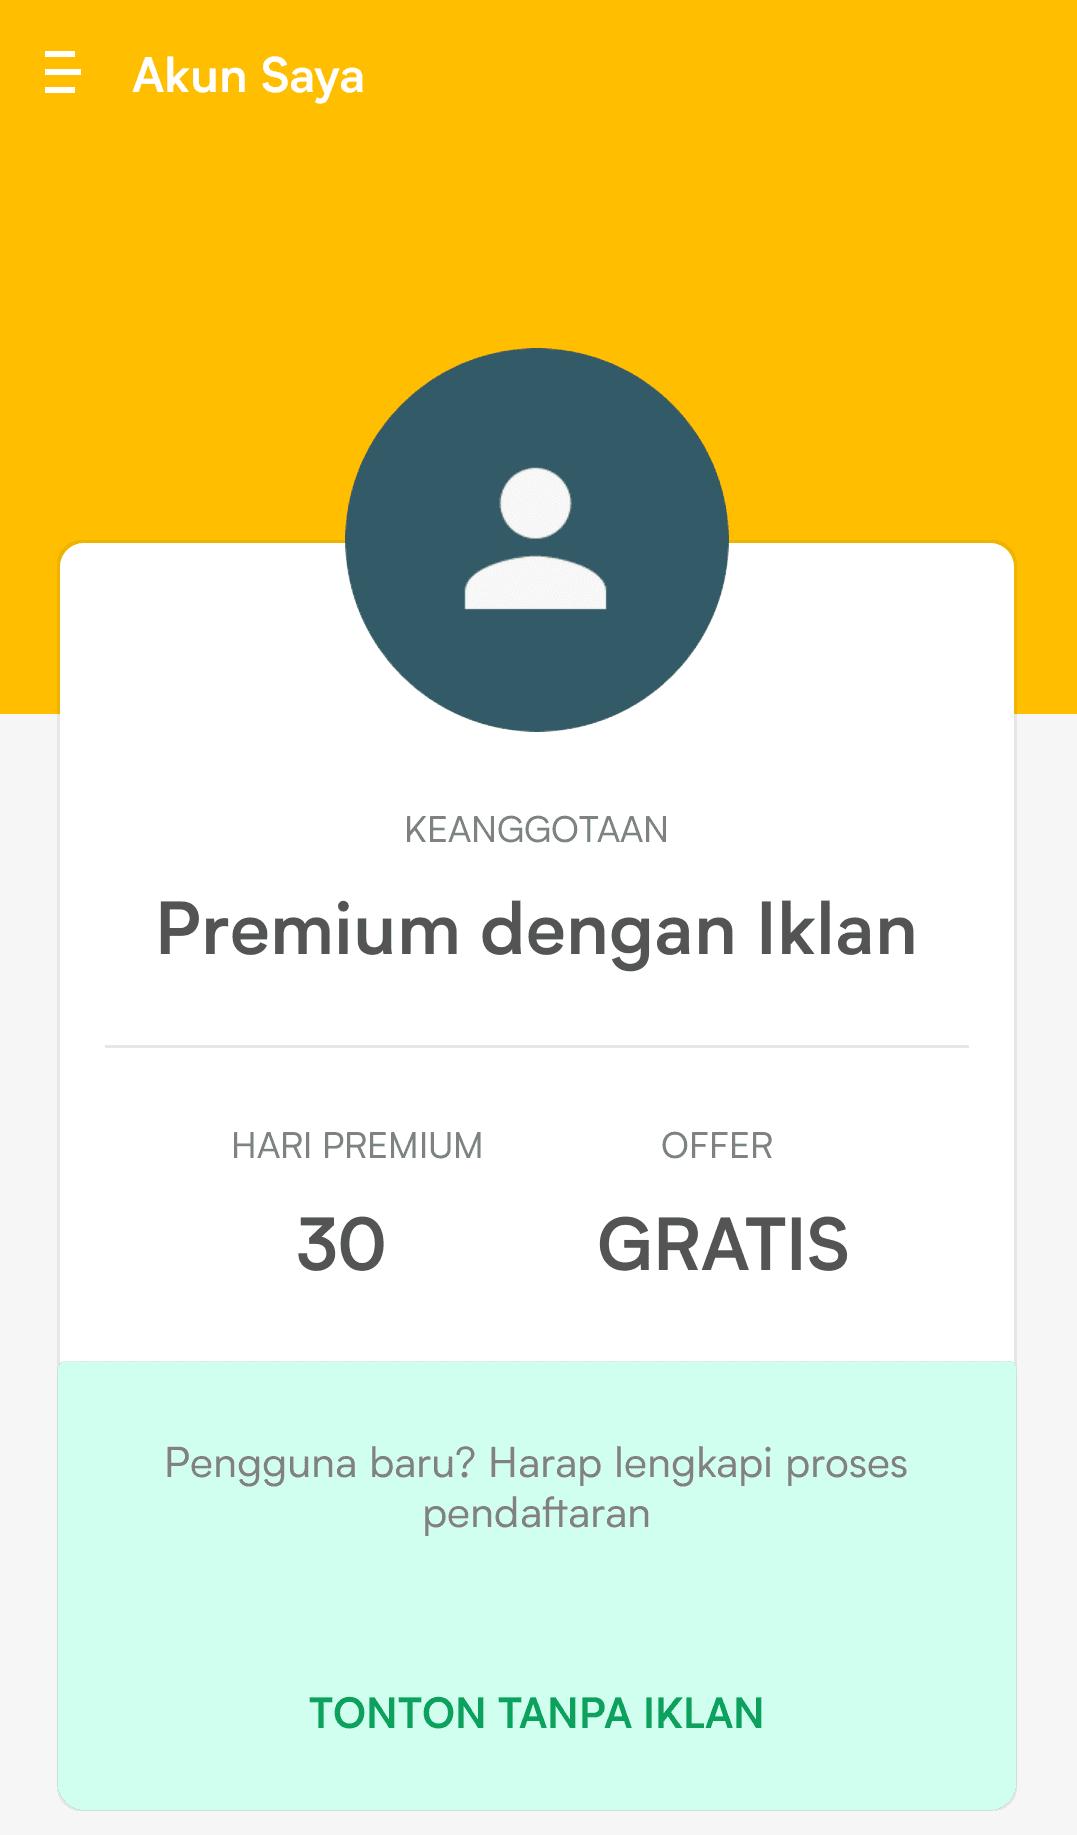 cara mendapatkan premium viu gratis